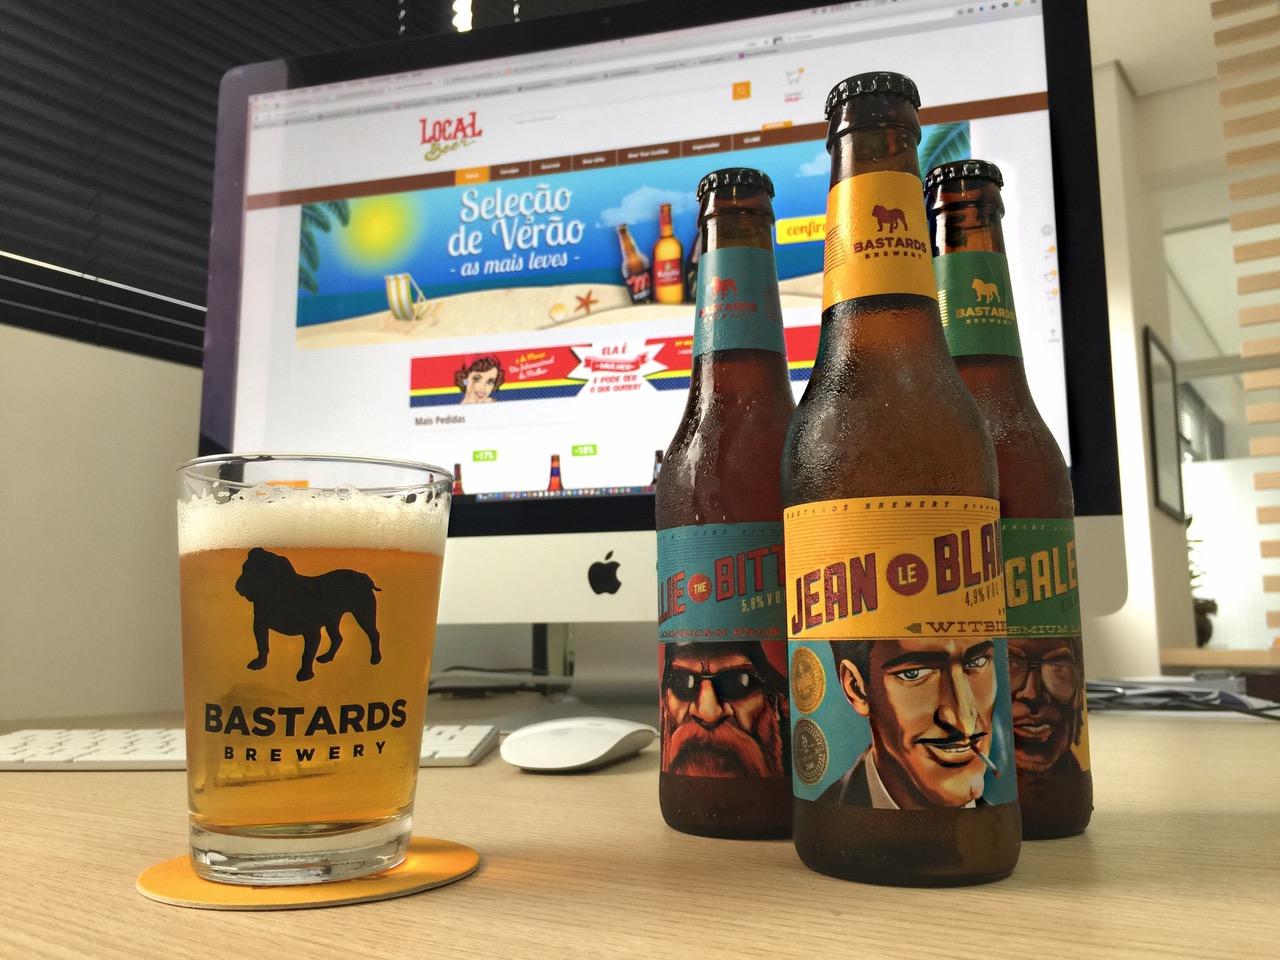 Bastards é uma das marcas paranaenses que podem ser encontradas na loja virtual (Foto: Divulgação)